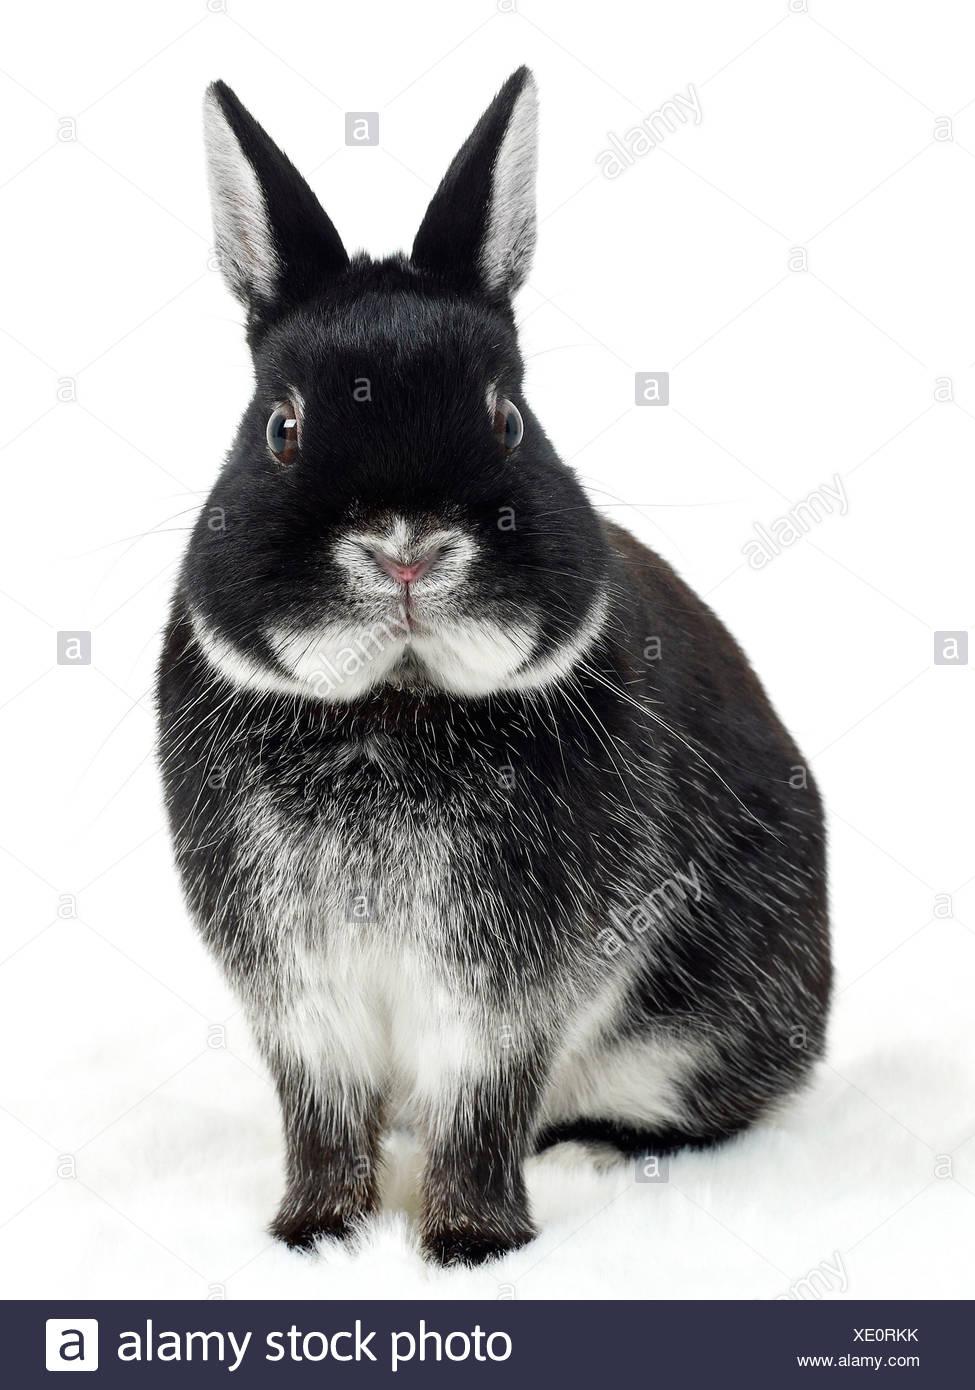 Un lapin noir et blanc à la surprise. Photo Stock